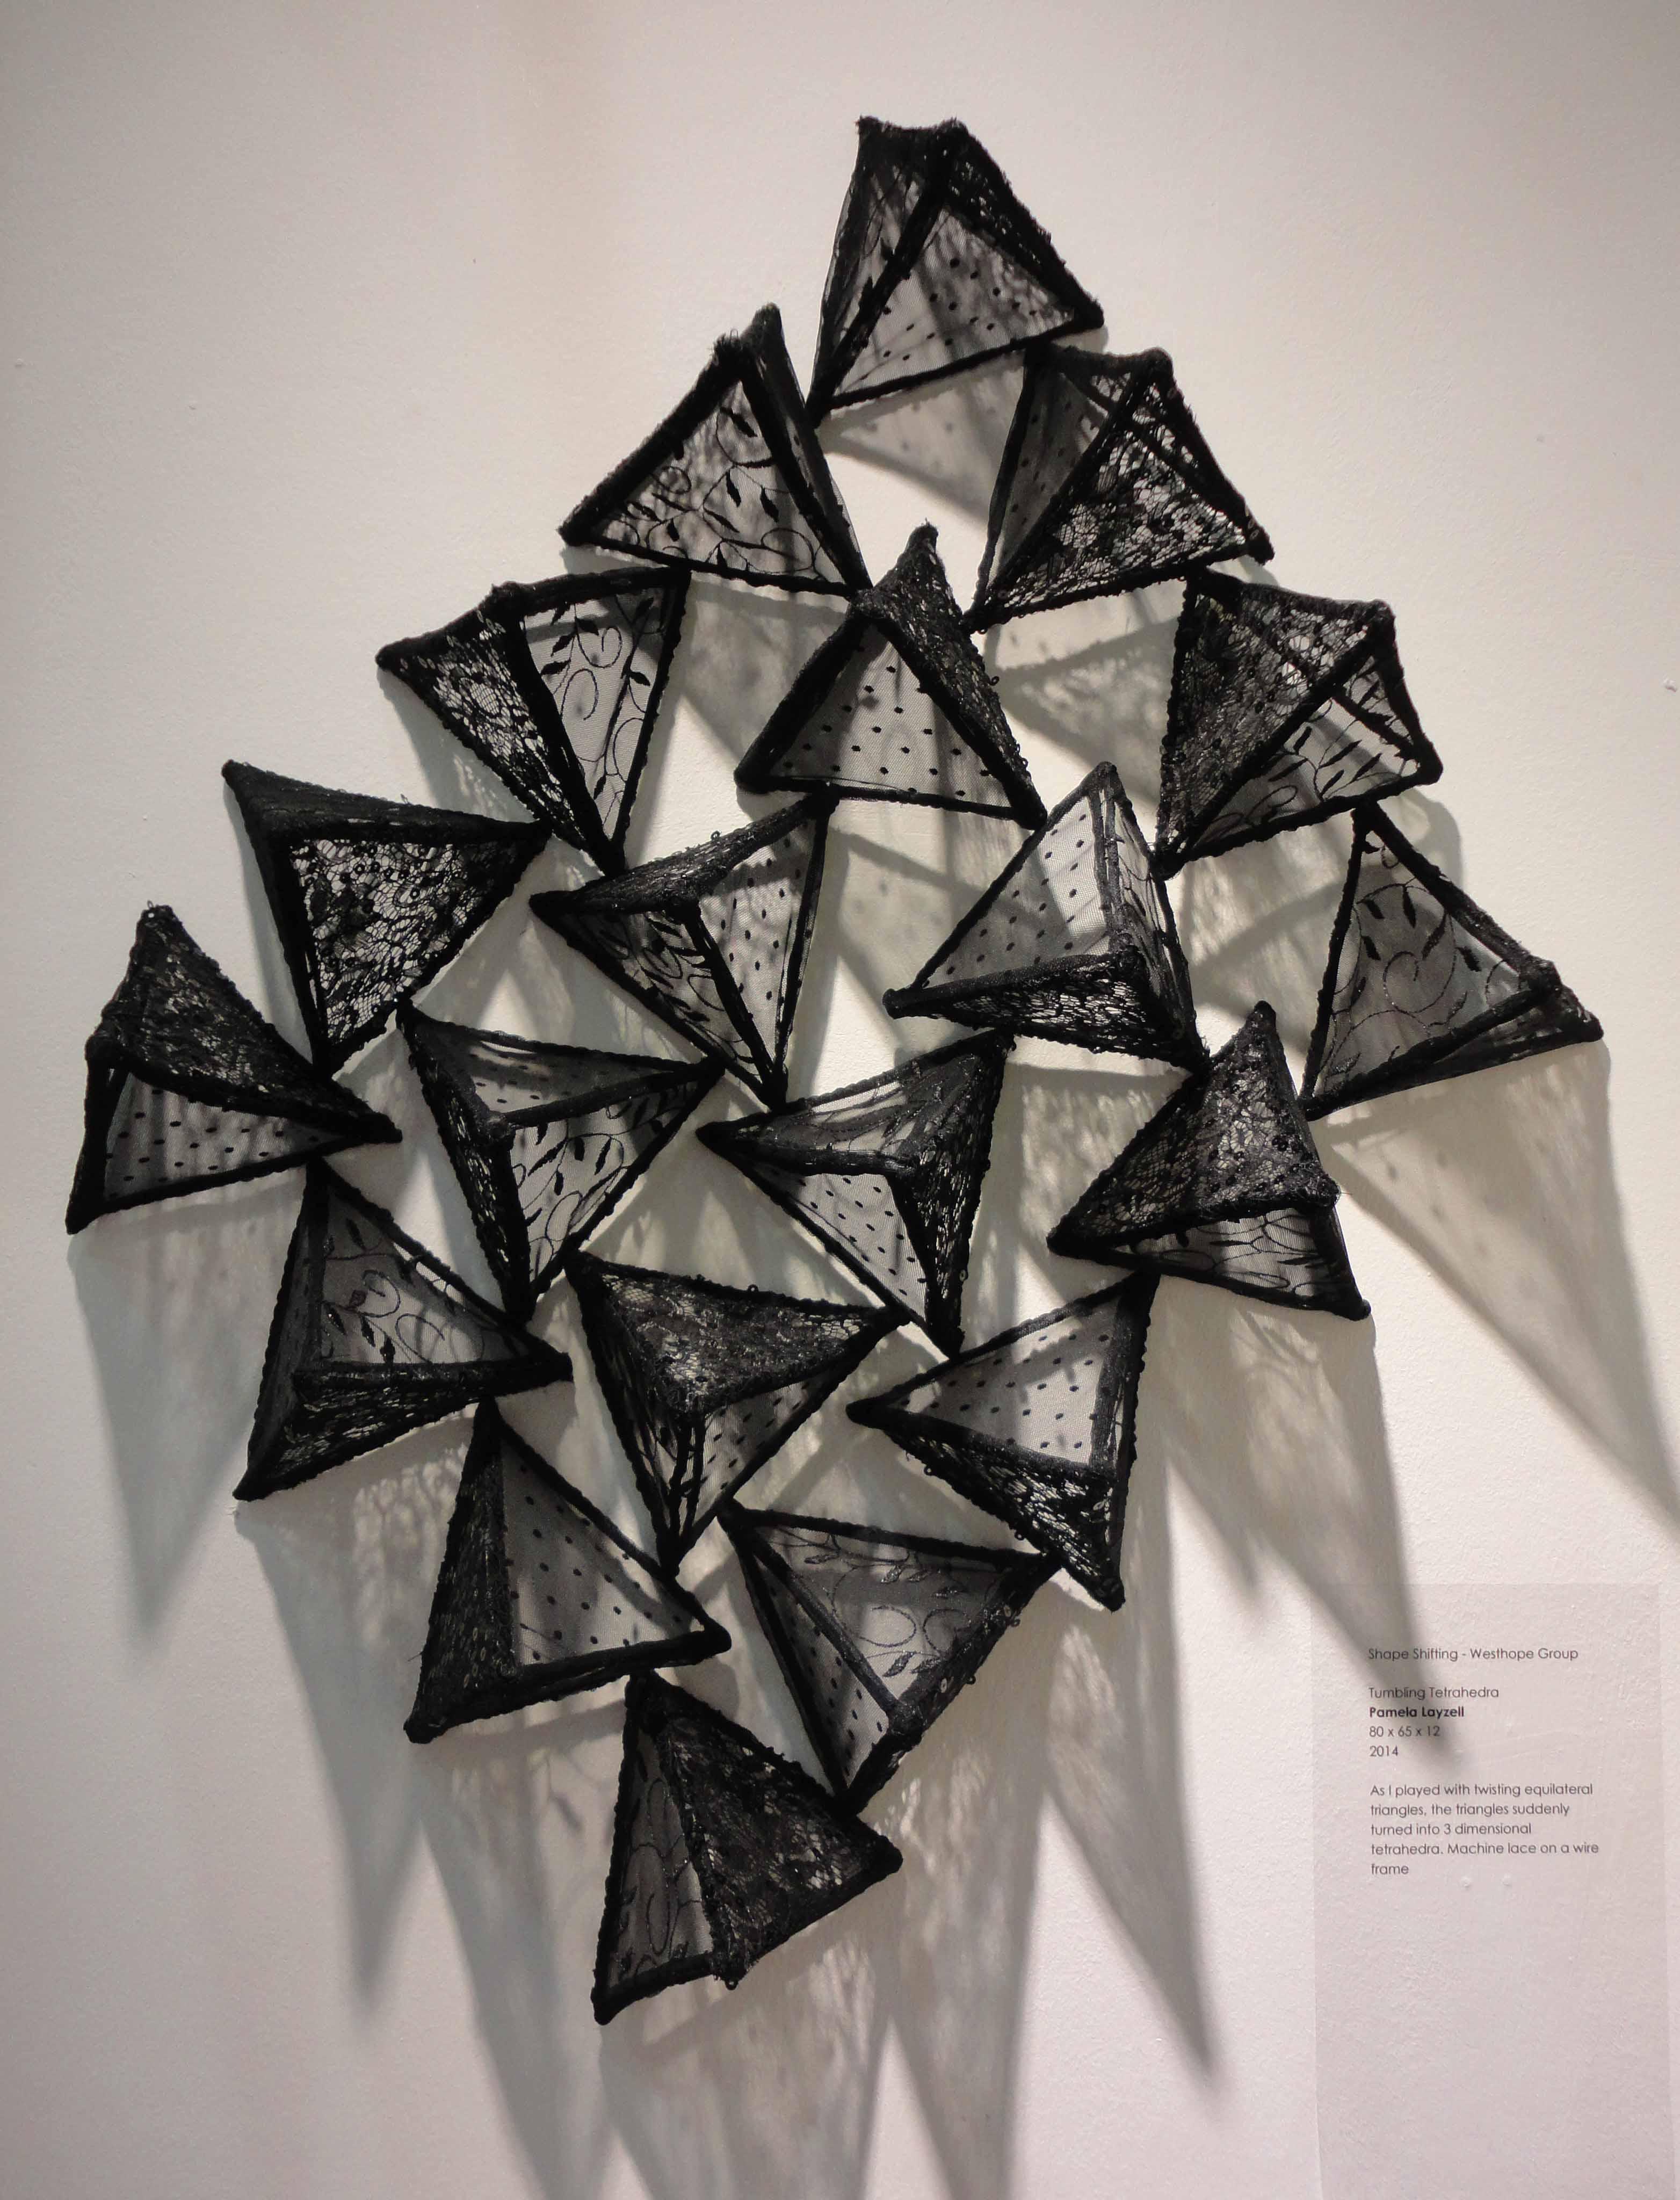 Tumbling tetrahedra